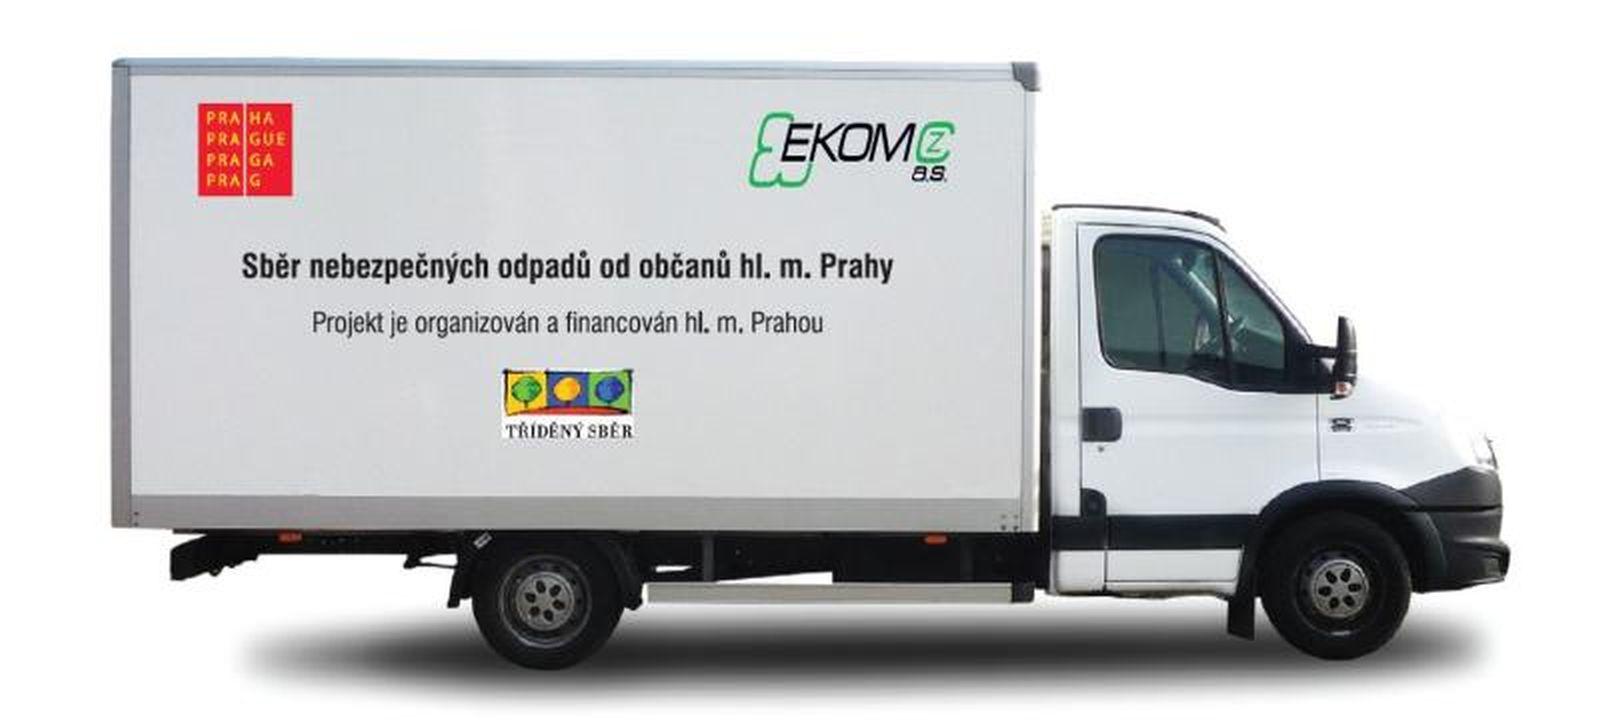 vozidlo mobilní sběr nebezpečného odpadu